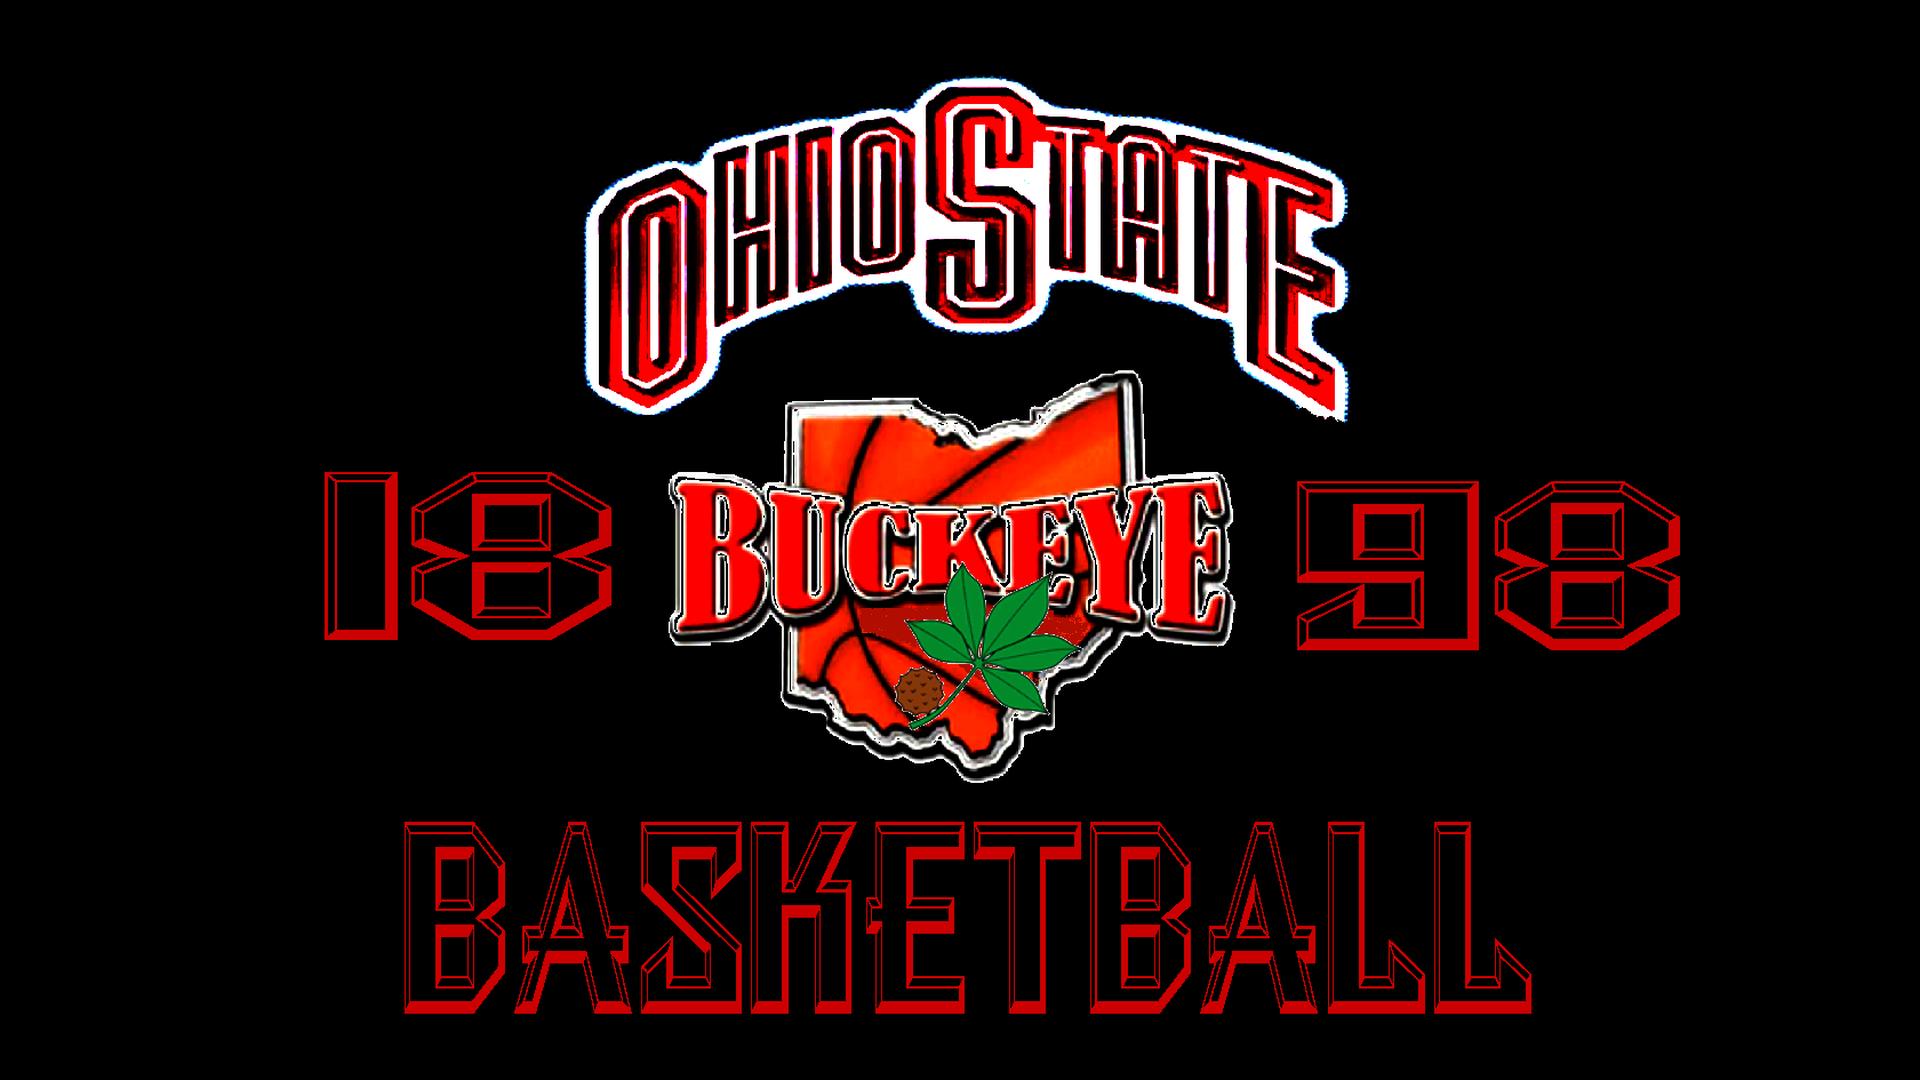 OHIO STATE बास्केटबाल, बास्केटबॉल, बास्केट बॉल 1898